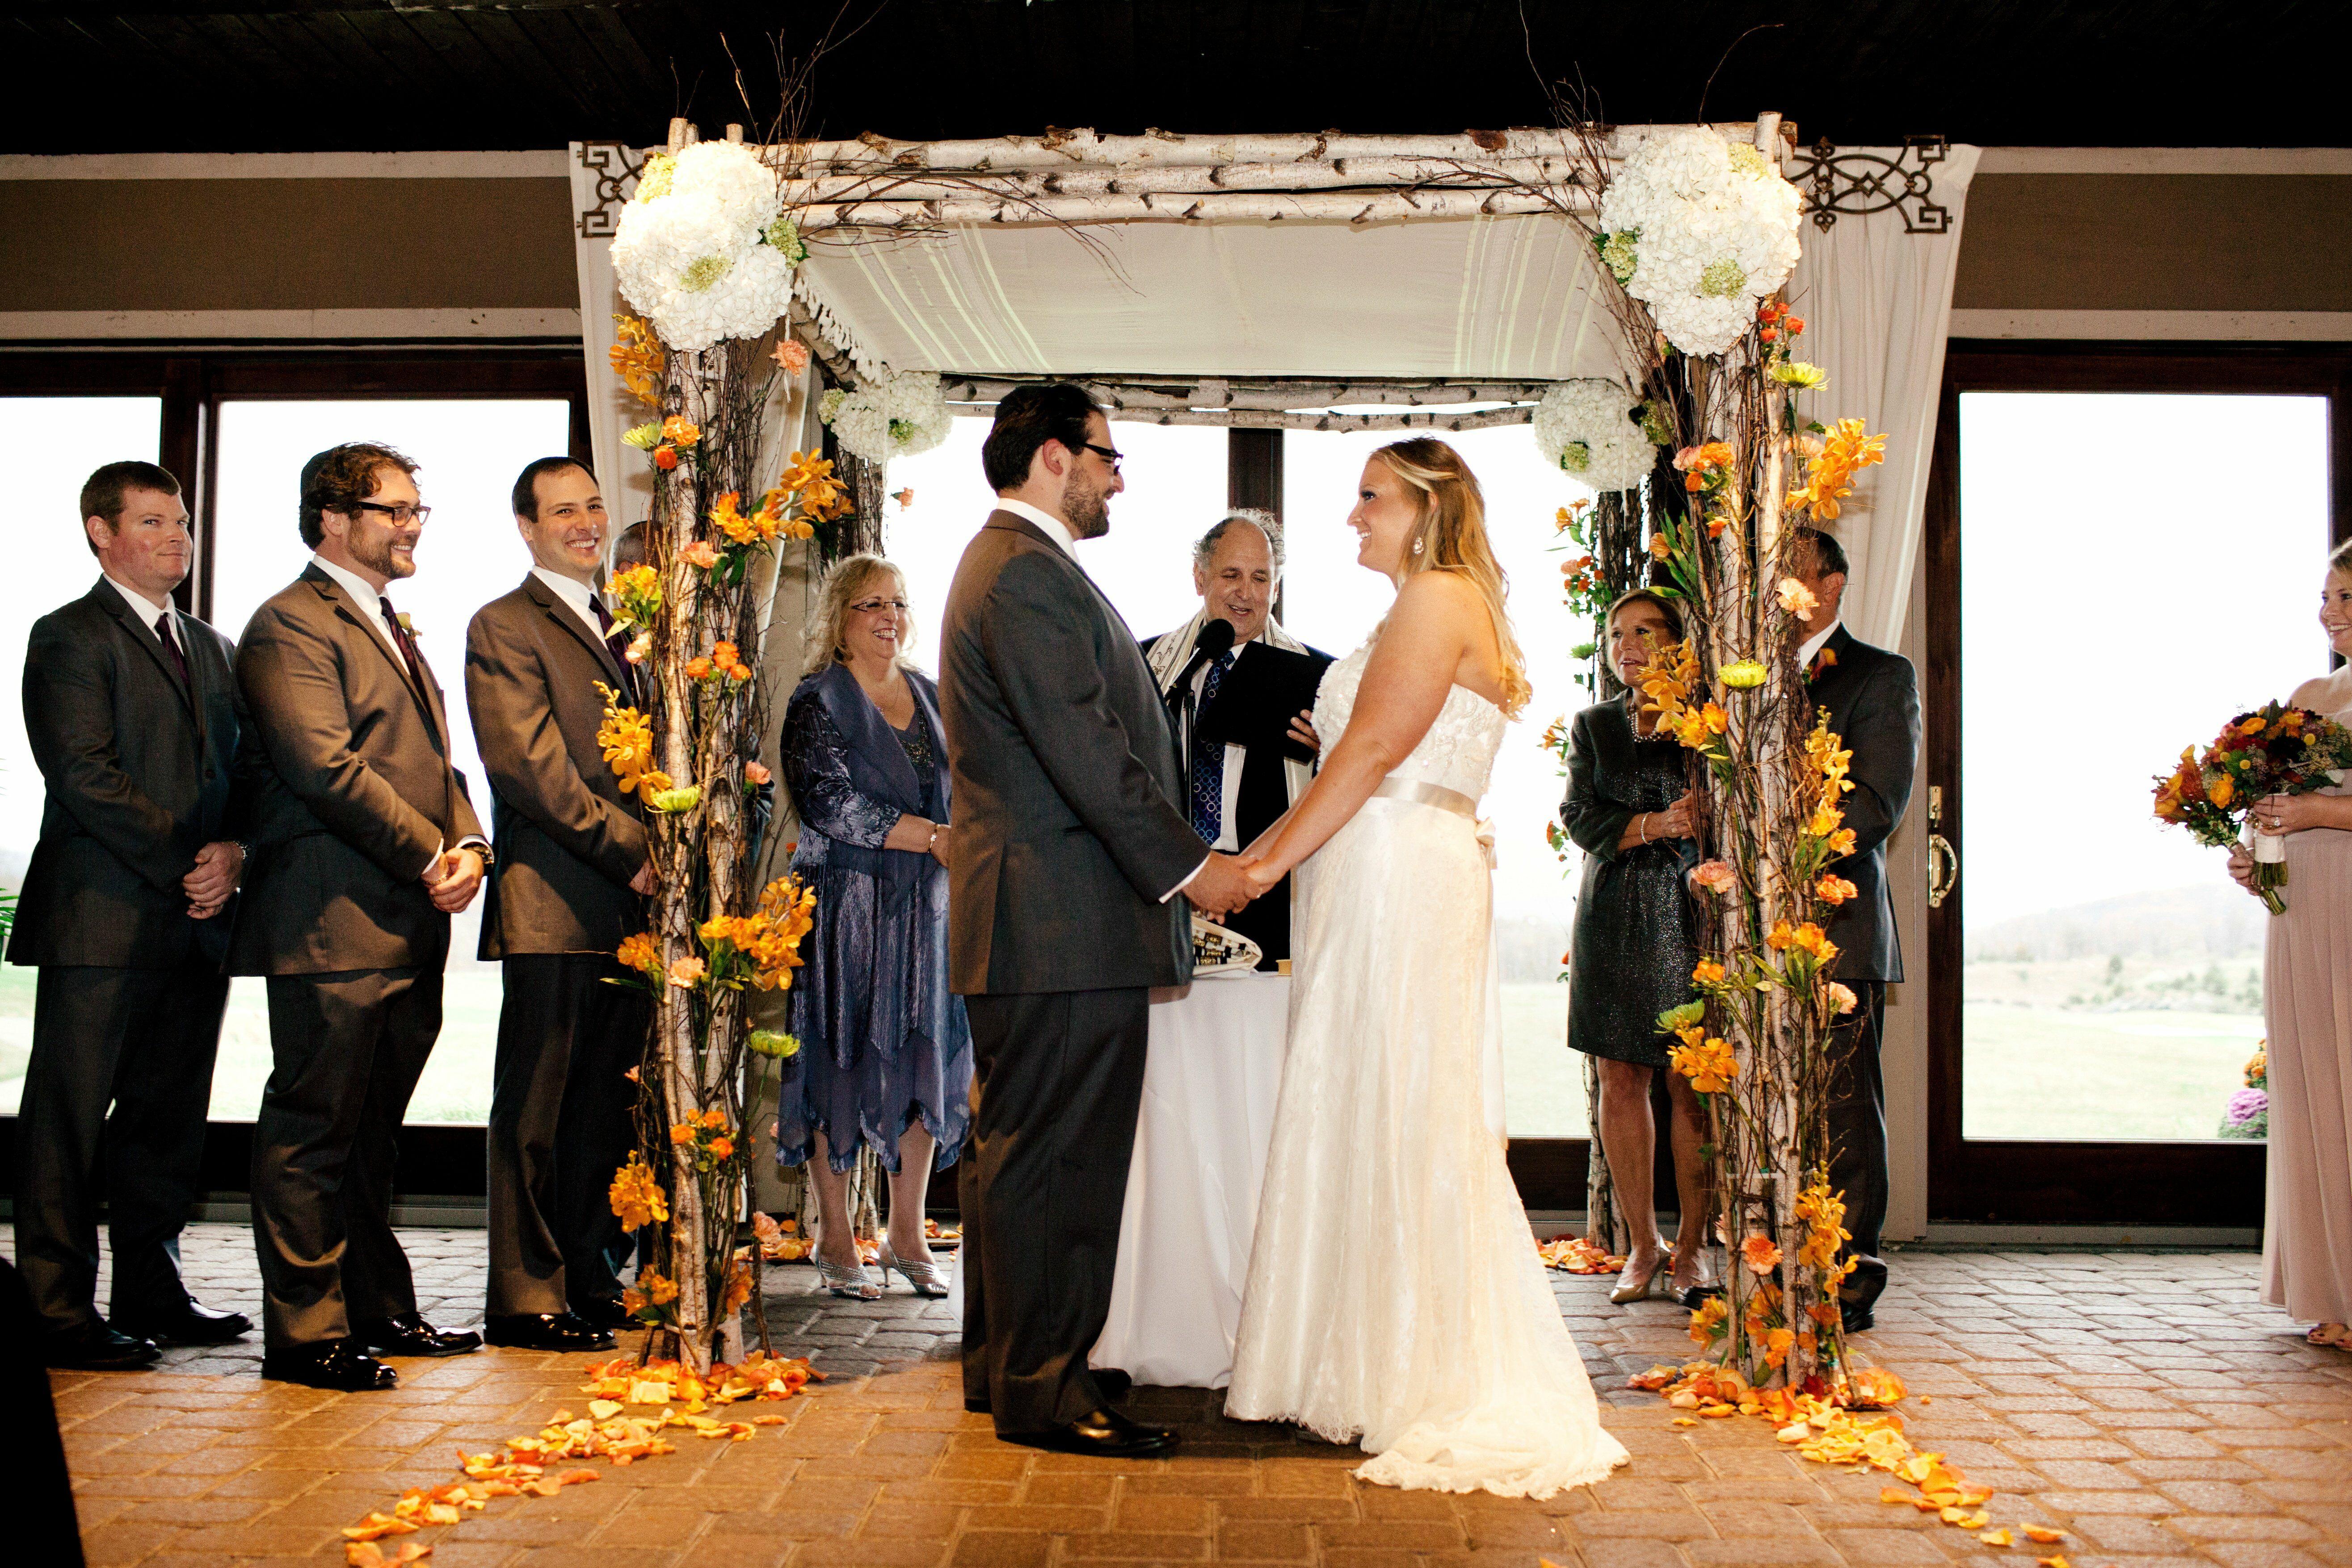 An Indoor Rustic Ceremony: Rustic Indoor Ceremony Huppah